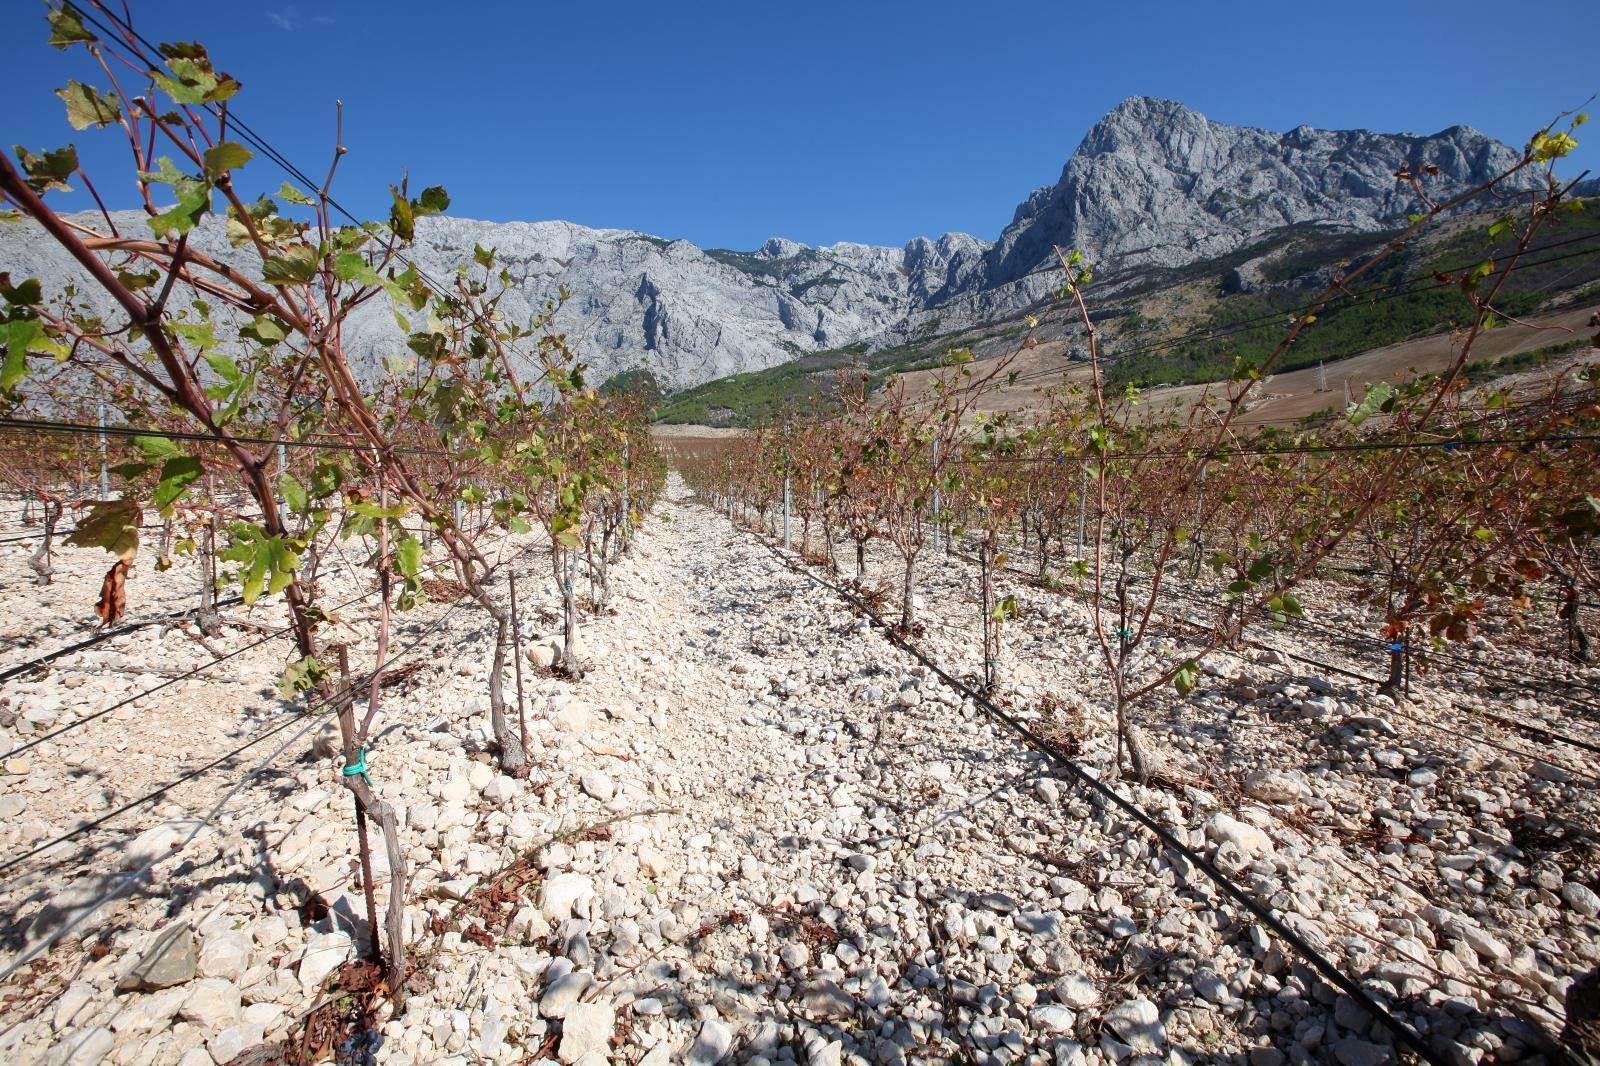 Na podrucju Makarske, točnije na padinama Baskog Polja Zlatan Plenkovic je na 75 hektara posadio vinovu lozu. Uz najzastupljeniji plavac mali, posađenje i velik broj loza crljenka